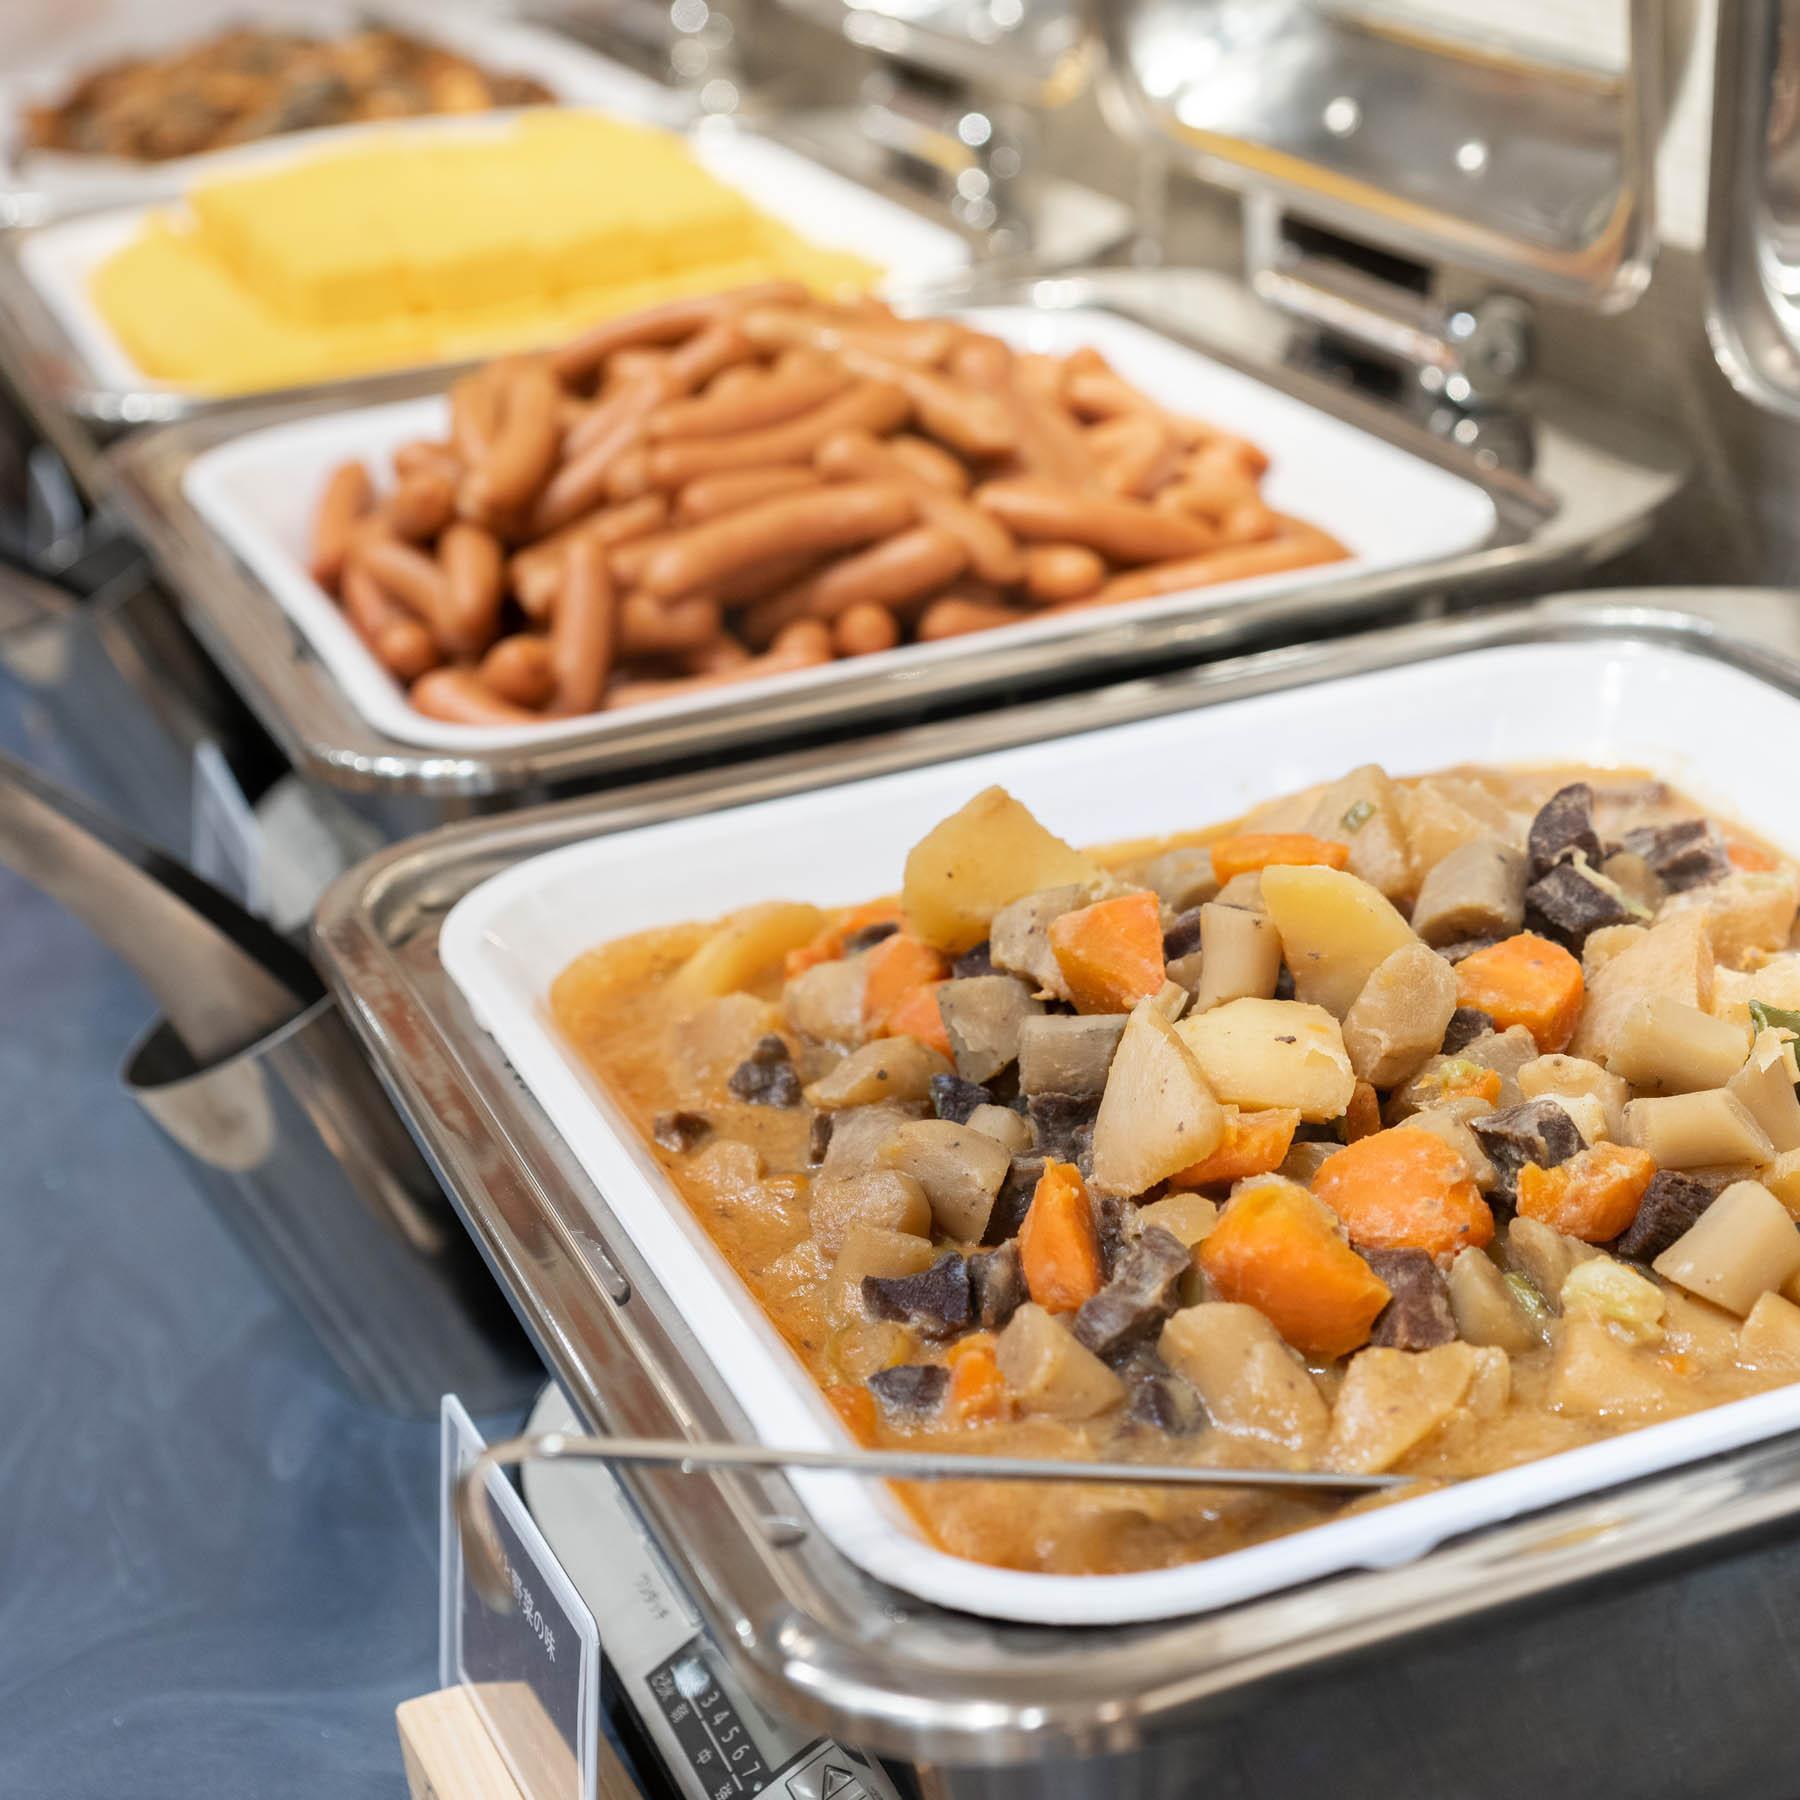 【無料健康朝食】日替わりでご提供する健康朝食ビュッフェが無料♪  たくさんお召し上がりくださいませ。